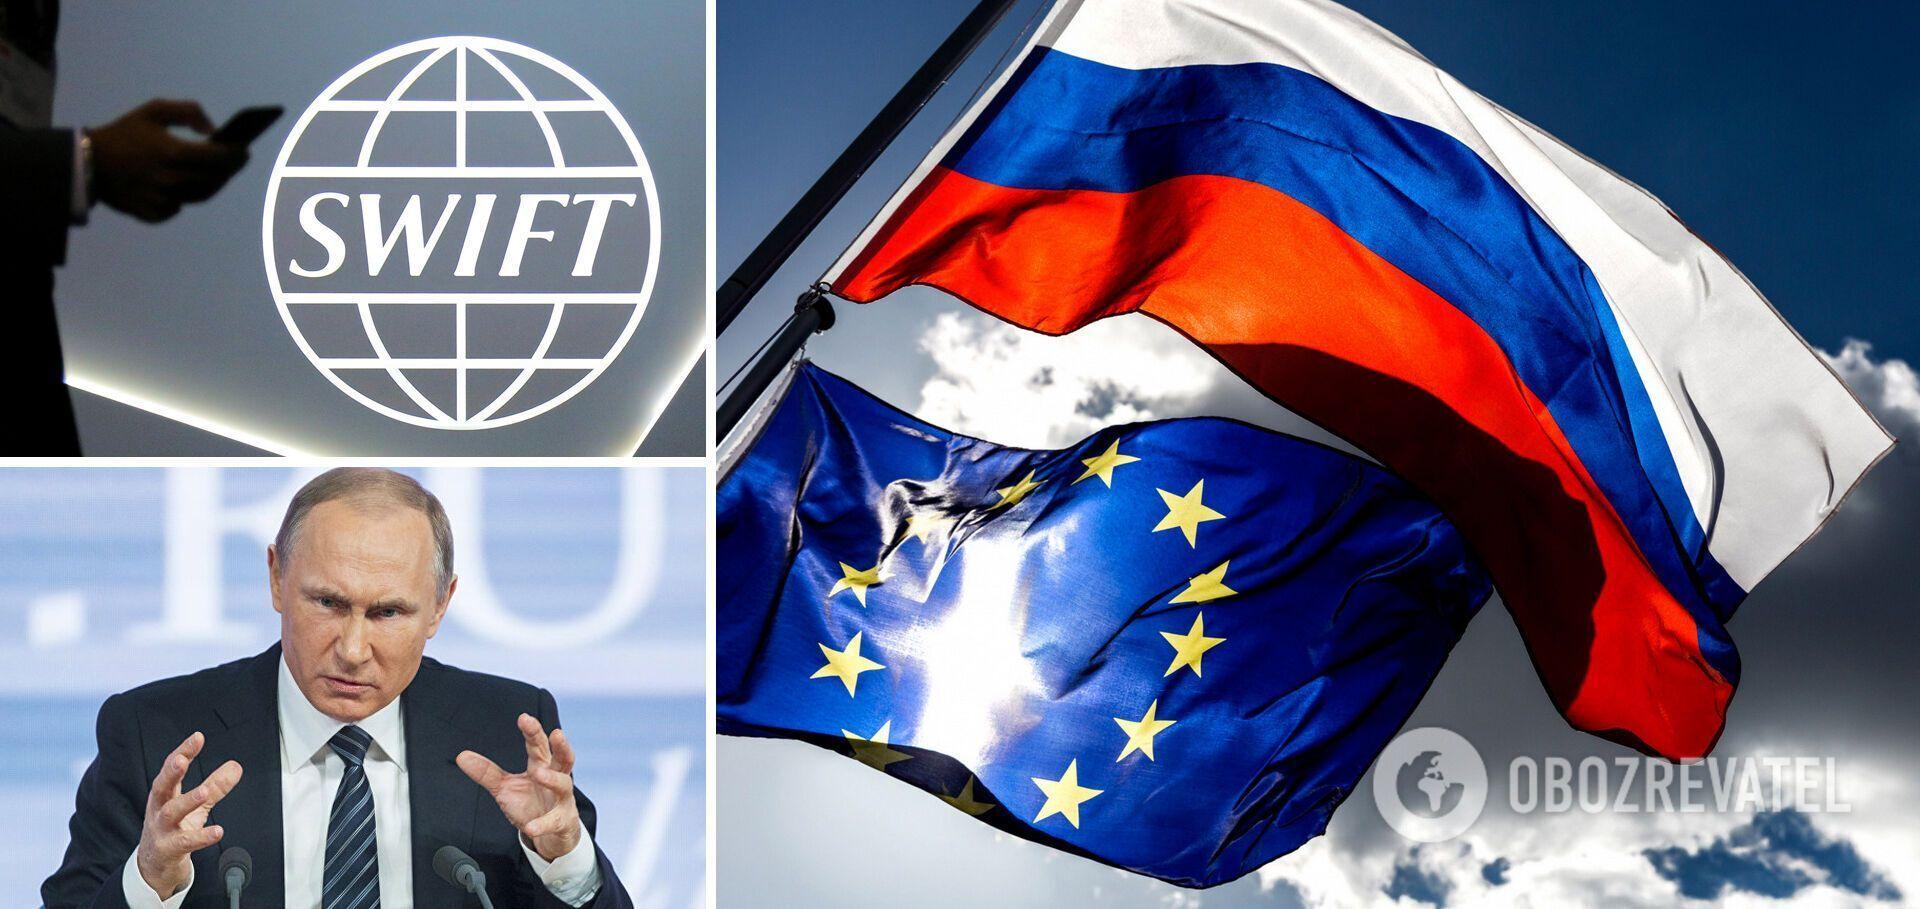 Від'єднання системи призведе до паралічу російської економіки